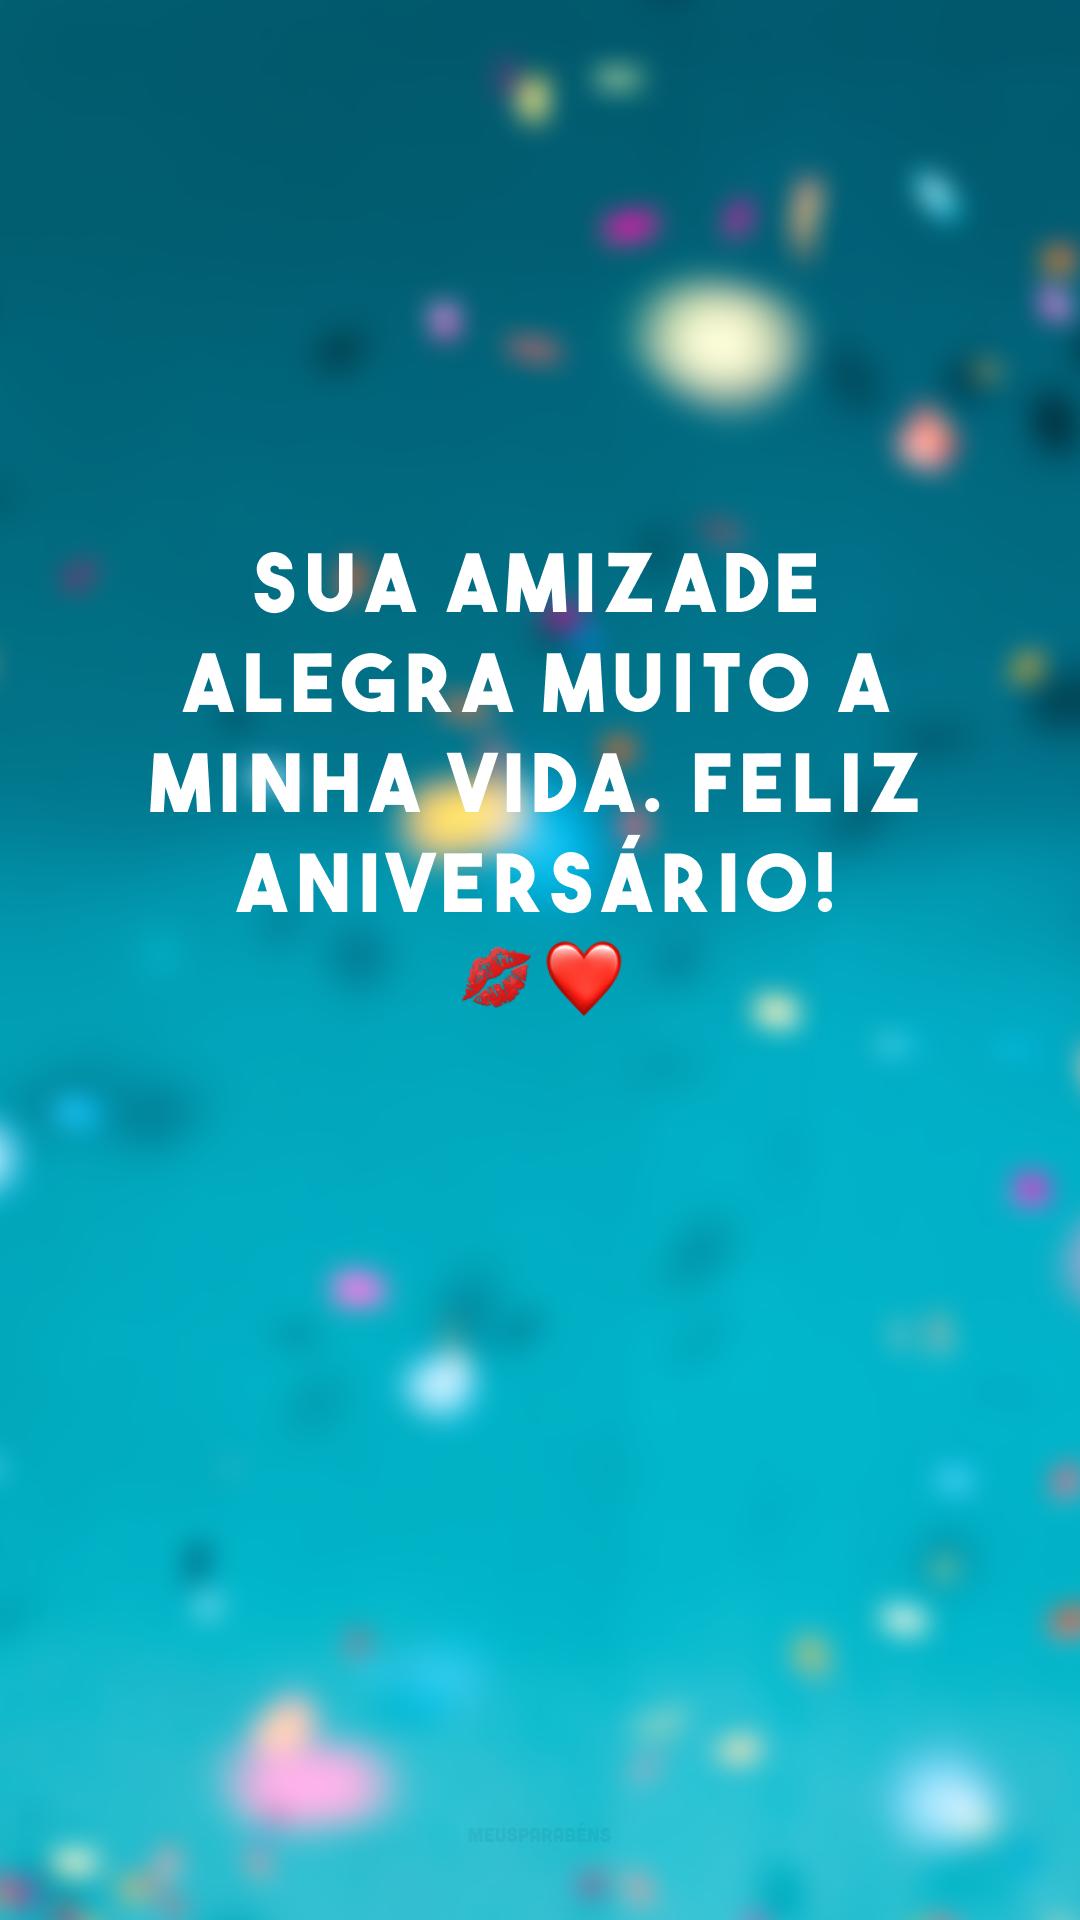 Sua amizade alegra muito a minha vida. Feliz aniversário! 💋❤